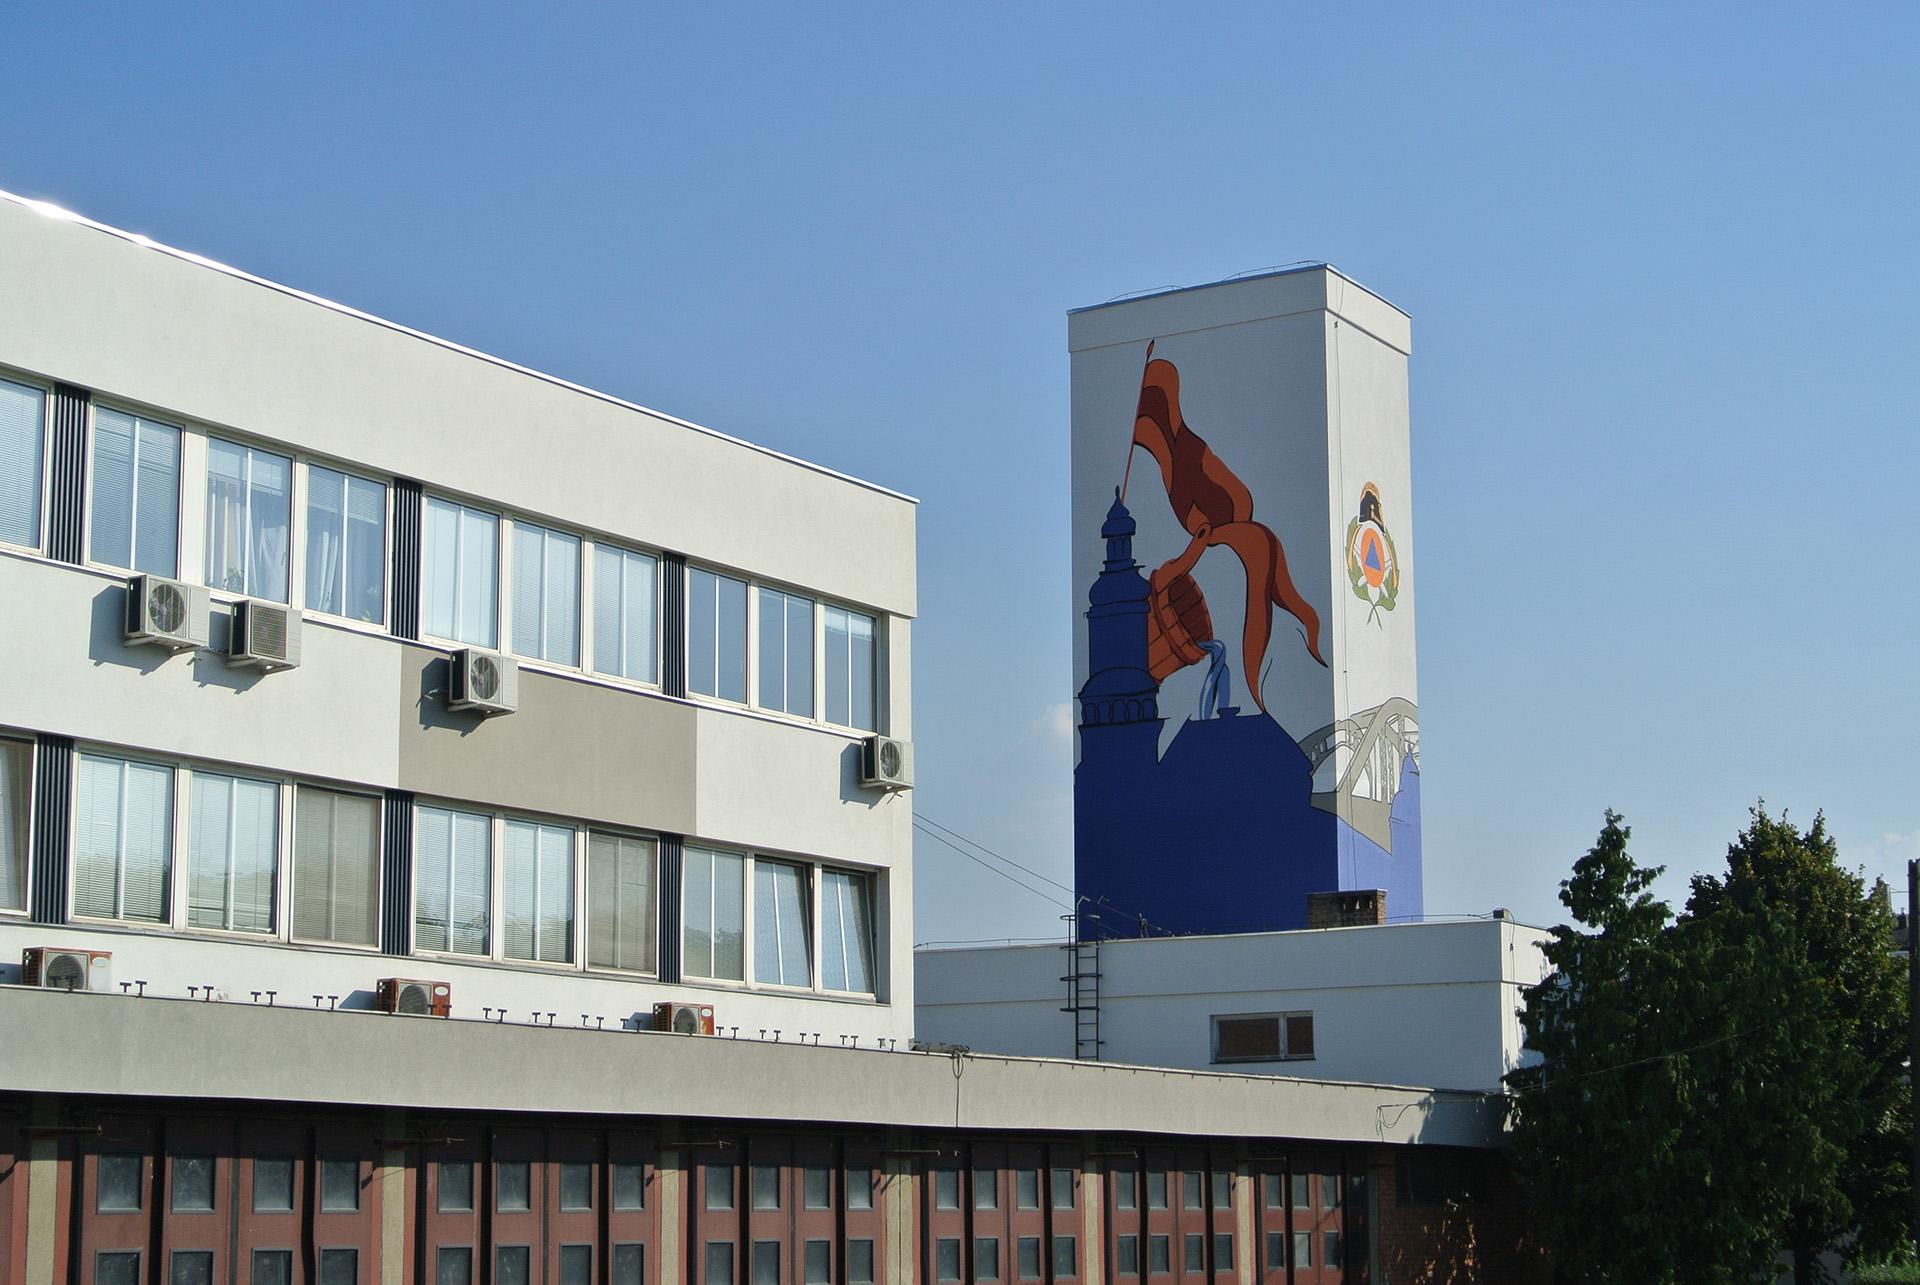 Megyei Katasztrófavédelmi Hivatal Győr